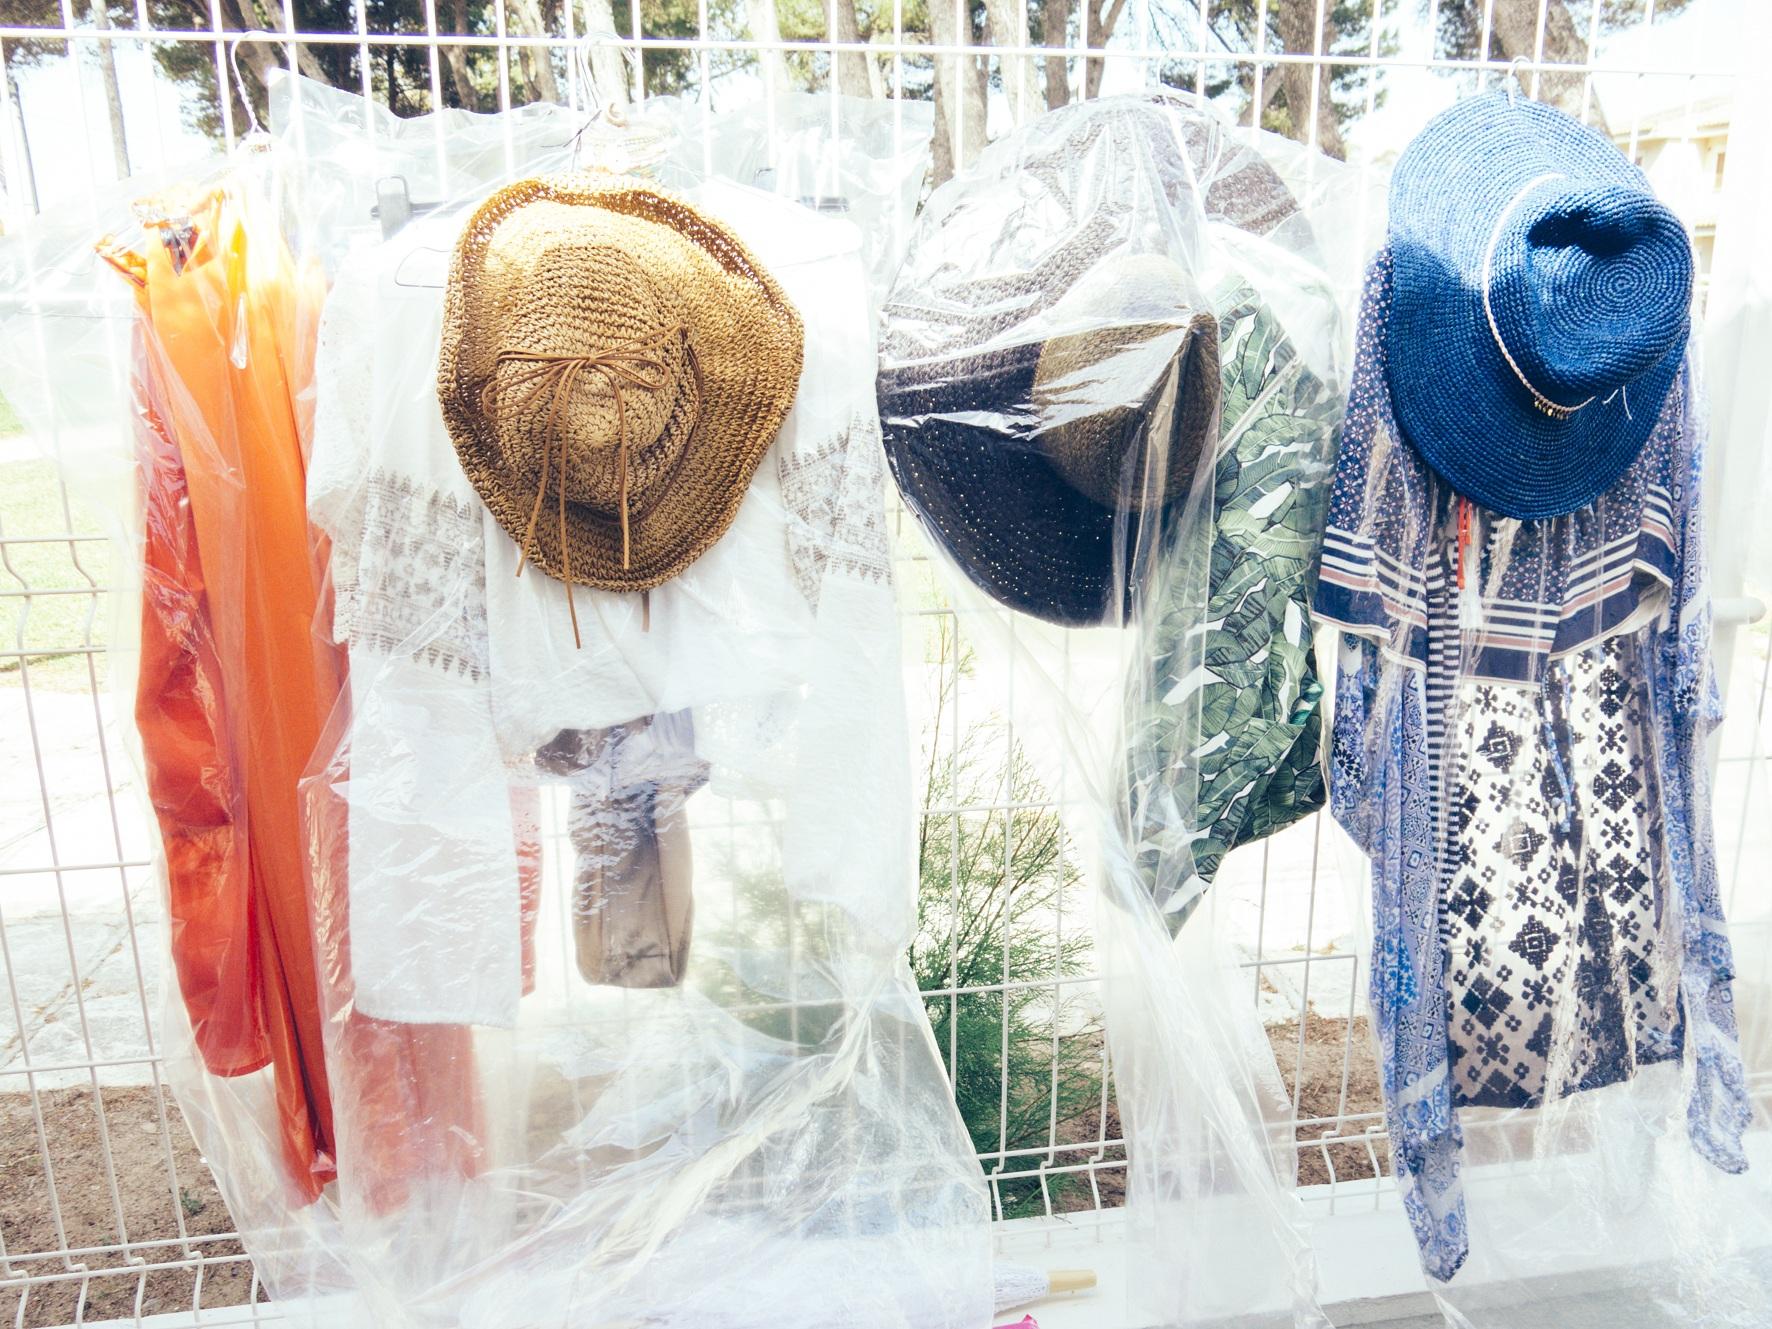 De kledingsets voor de shoots hangen klaar.